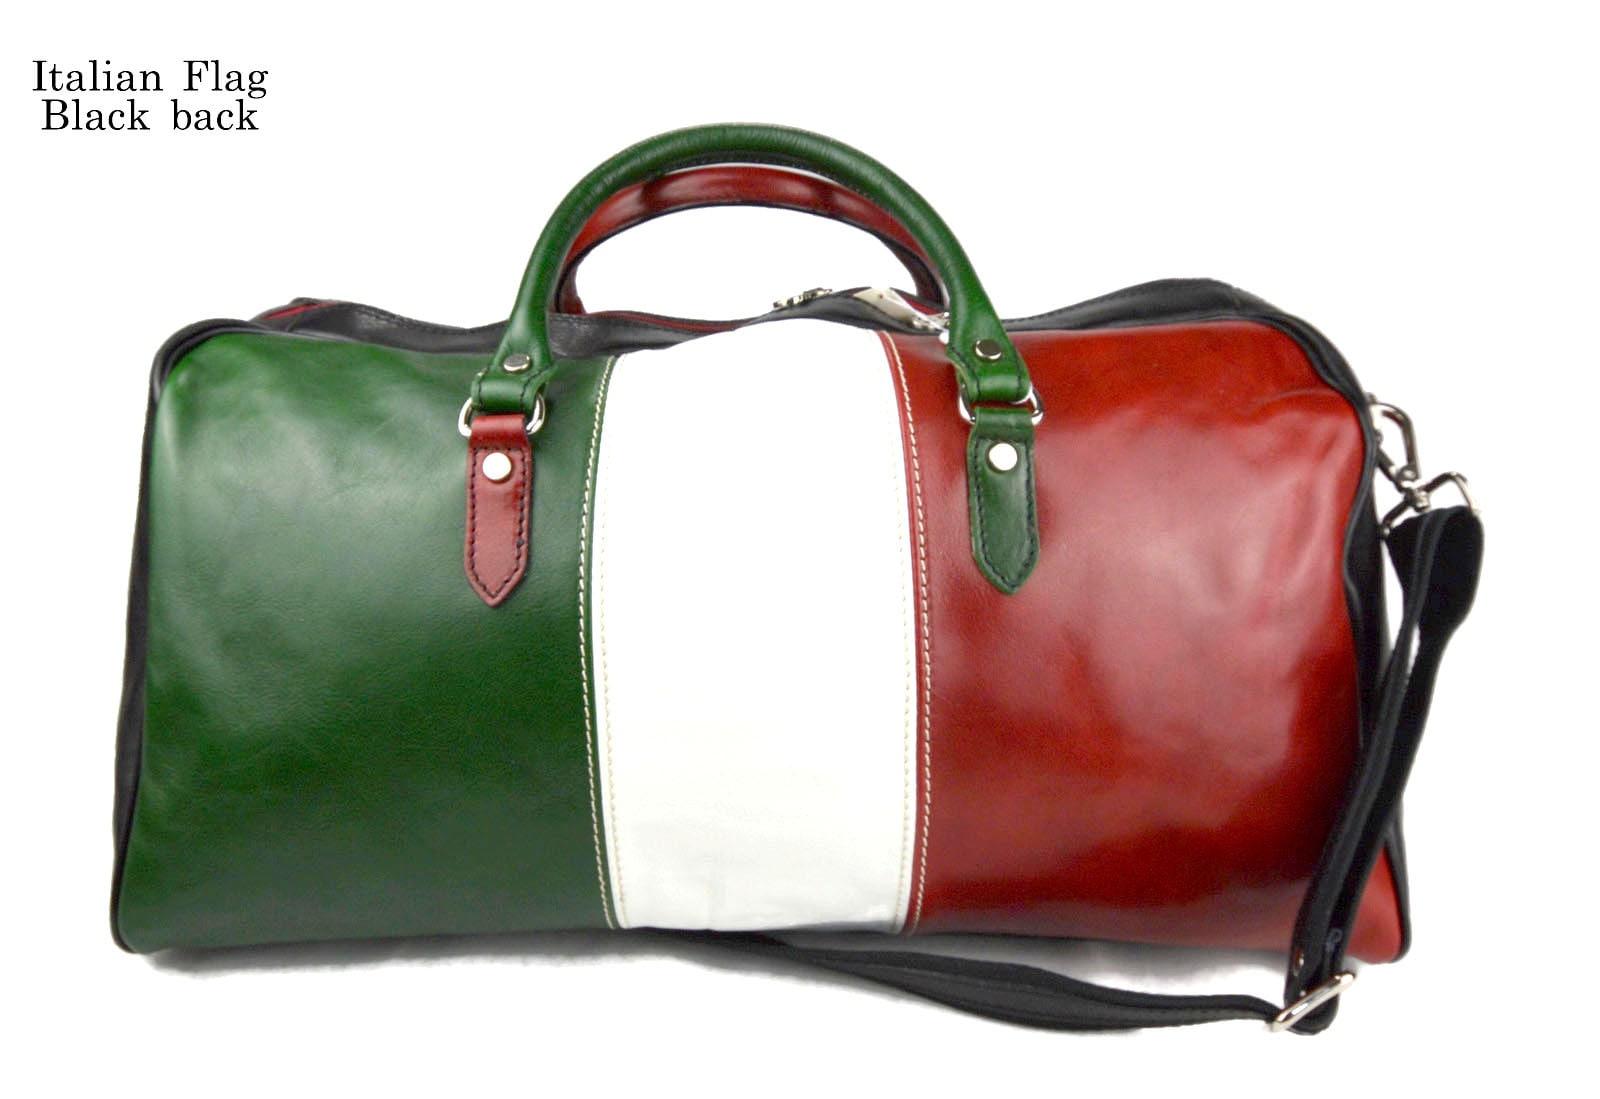 ef038a55d9 Duffle bag genuine leather shoulder bag Italian flag black